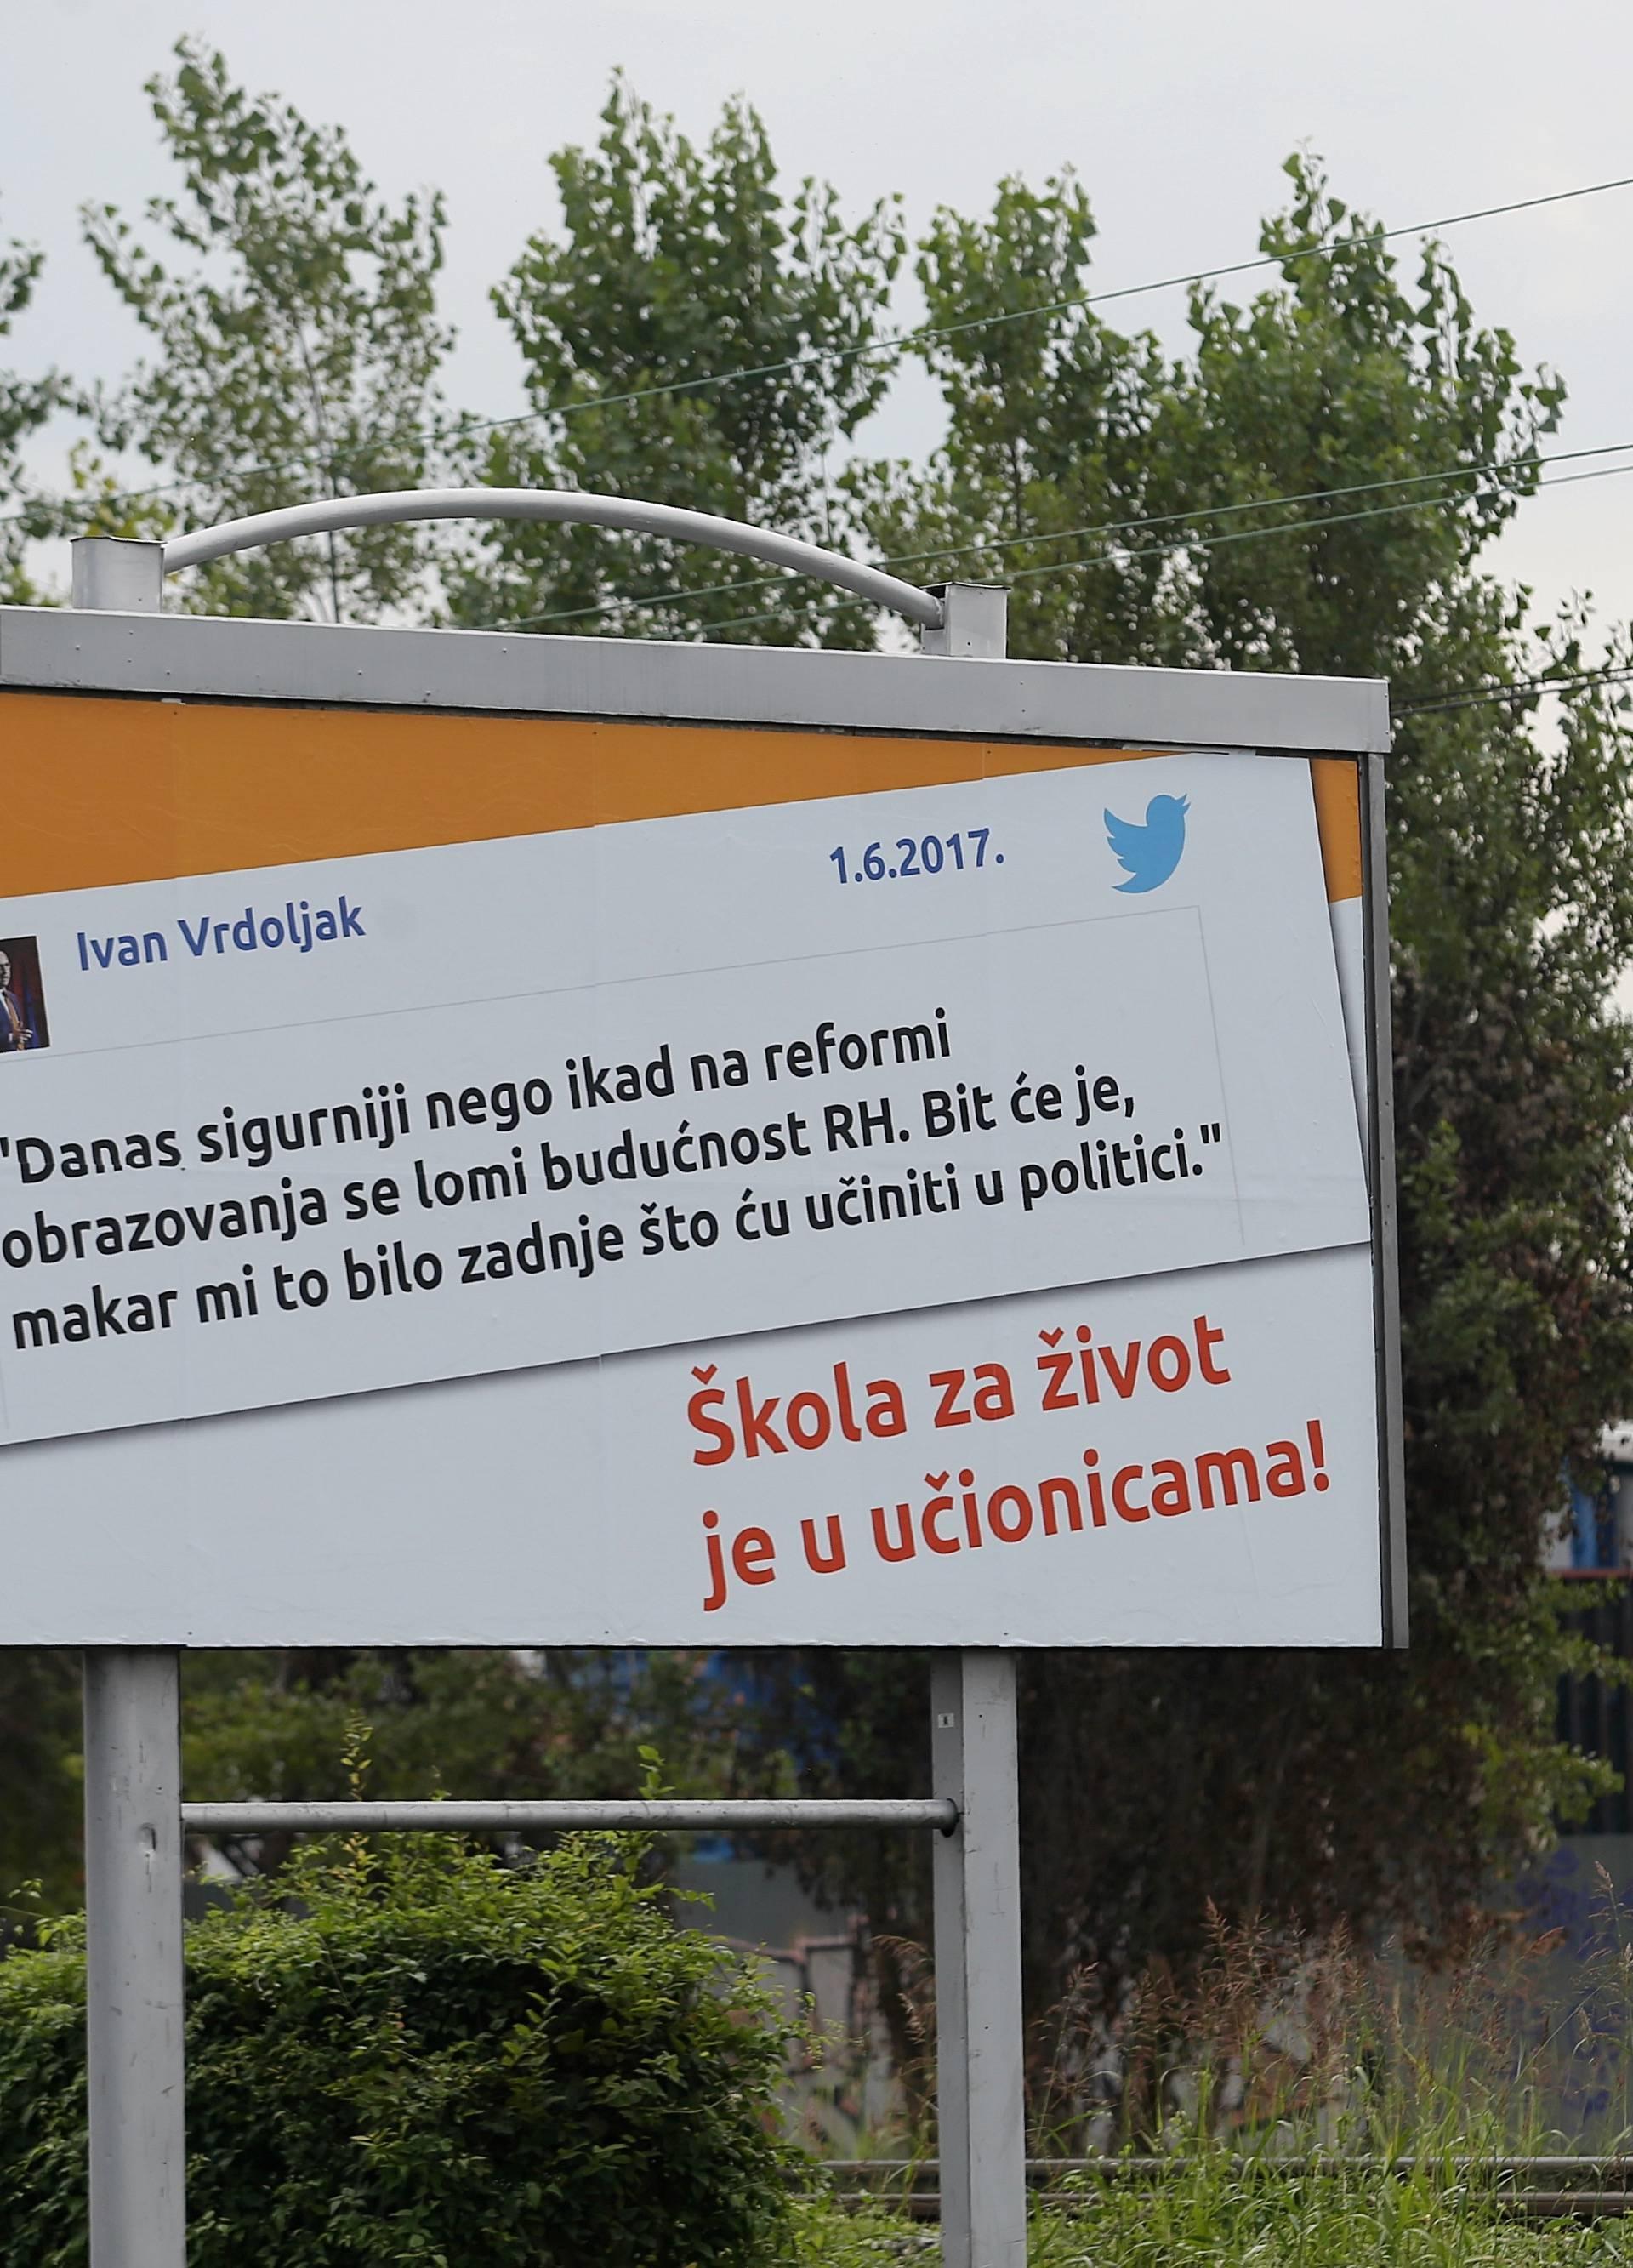 Vrdoljak je izradio plakate s tvitom da on spašava škole...